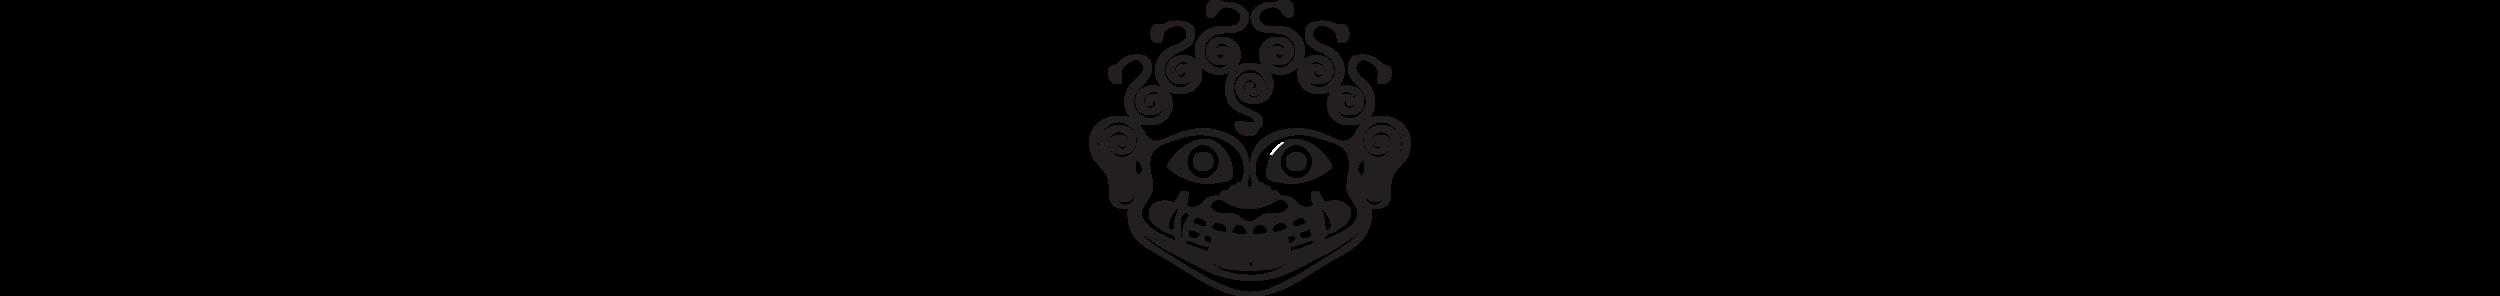 grinning Medusa.png